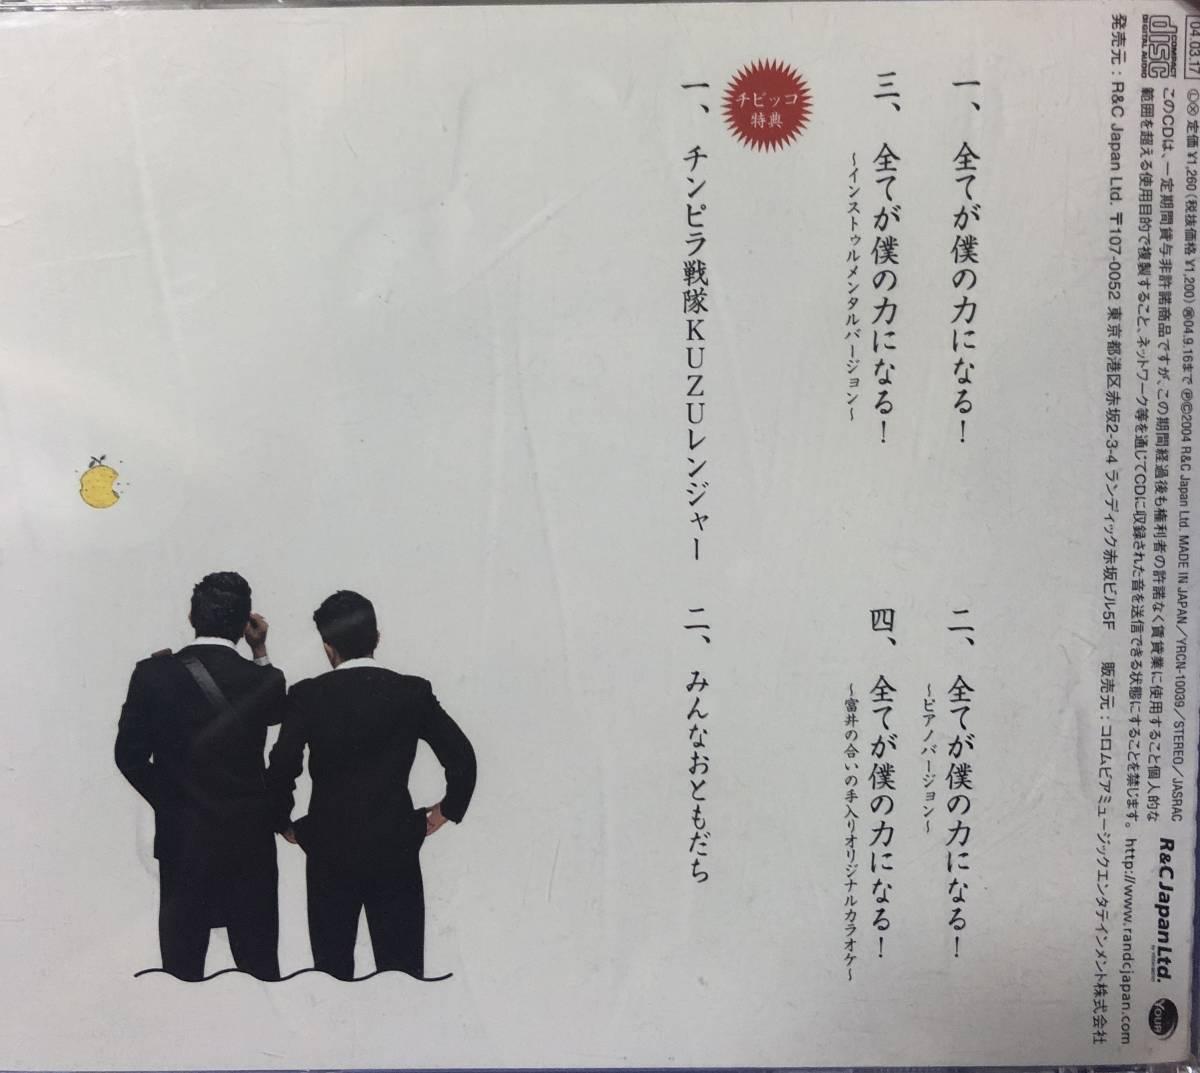 ★くず★【 全てが僕の力になる!】CD 宮迫博之&山口智充 _画像2